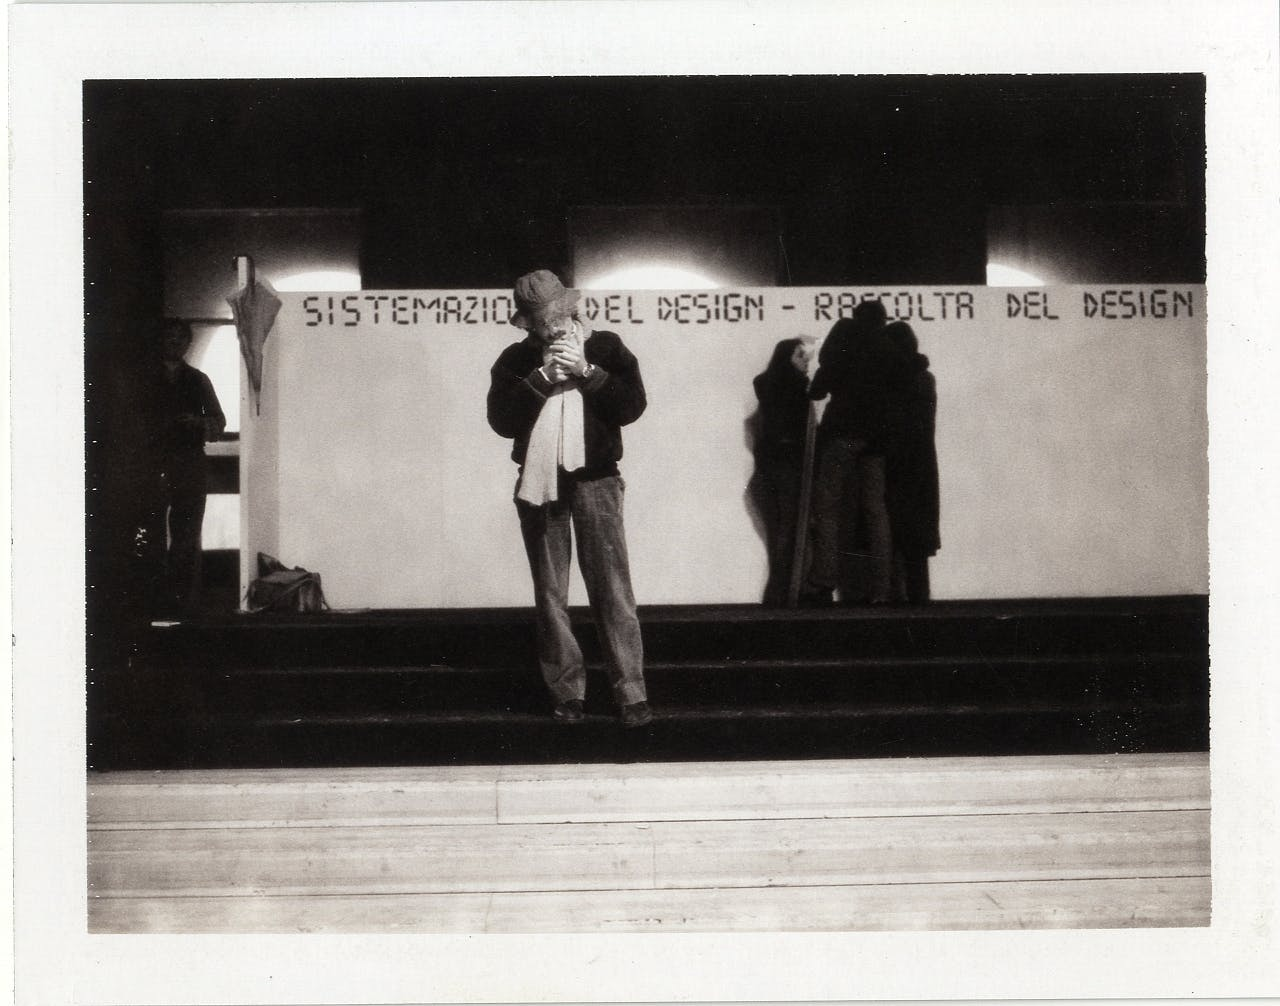 Lavori di allestimento della mostra La sistemazione del design - Inizio di un censimento, verso una raccolta, foto di Fabio Zonta © Triennale Milano – Archivi